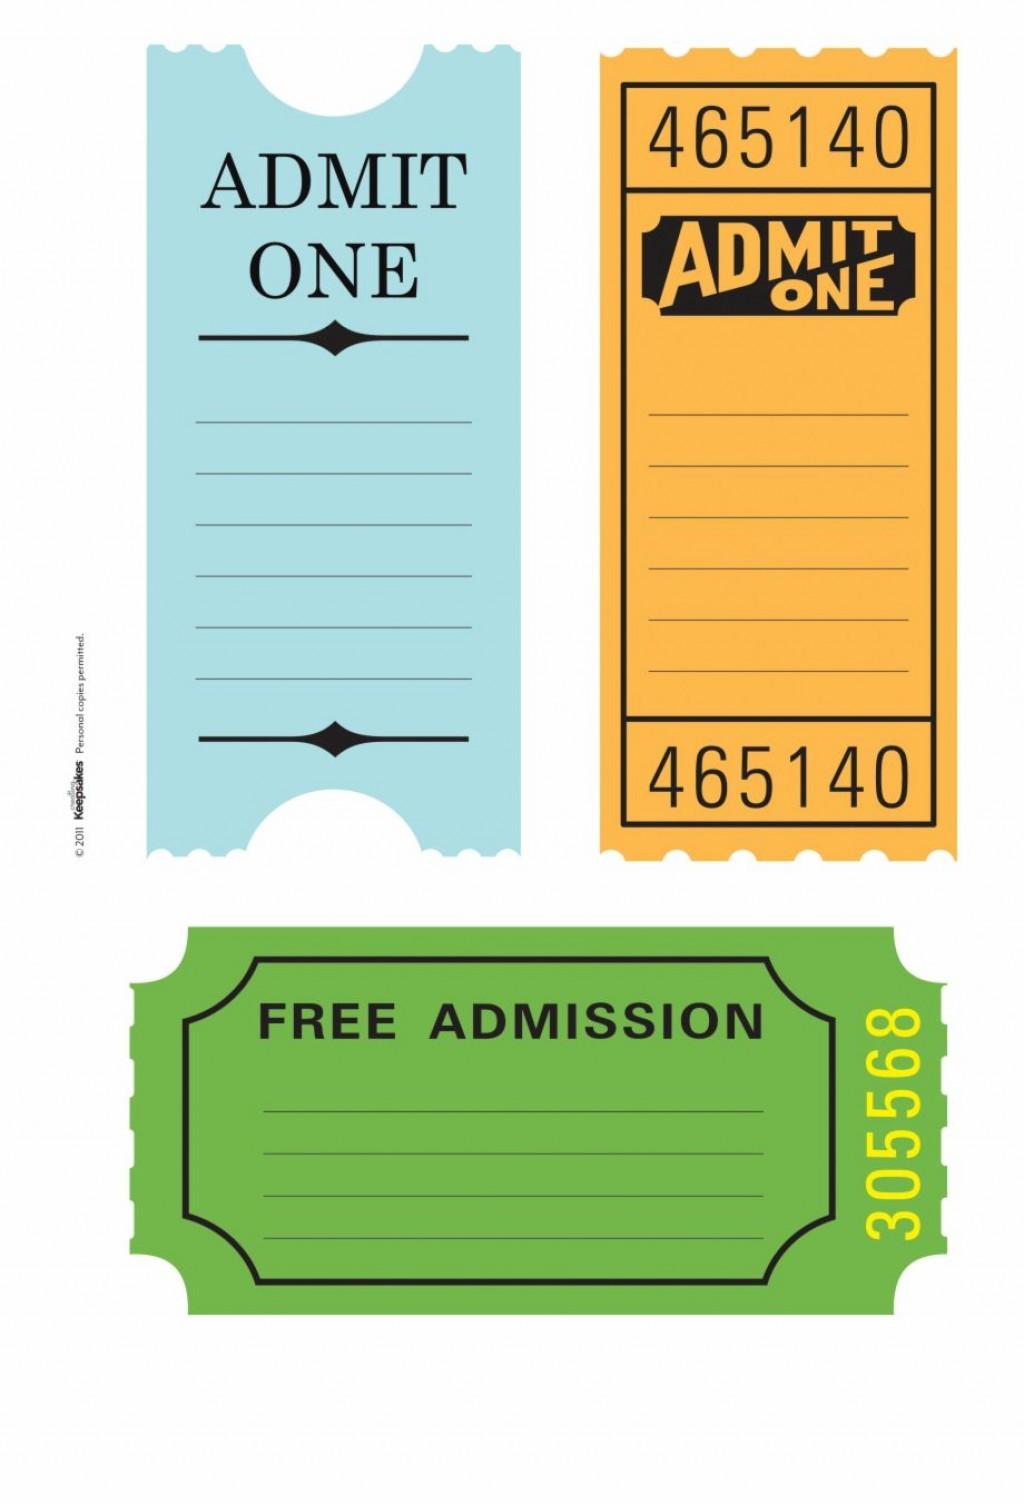 001 Impressive Free Printable Ticket Stub Template Sample Large